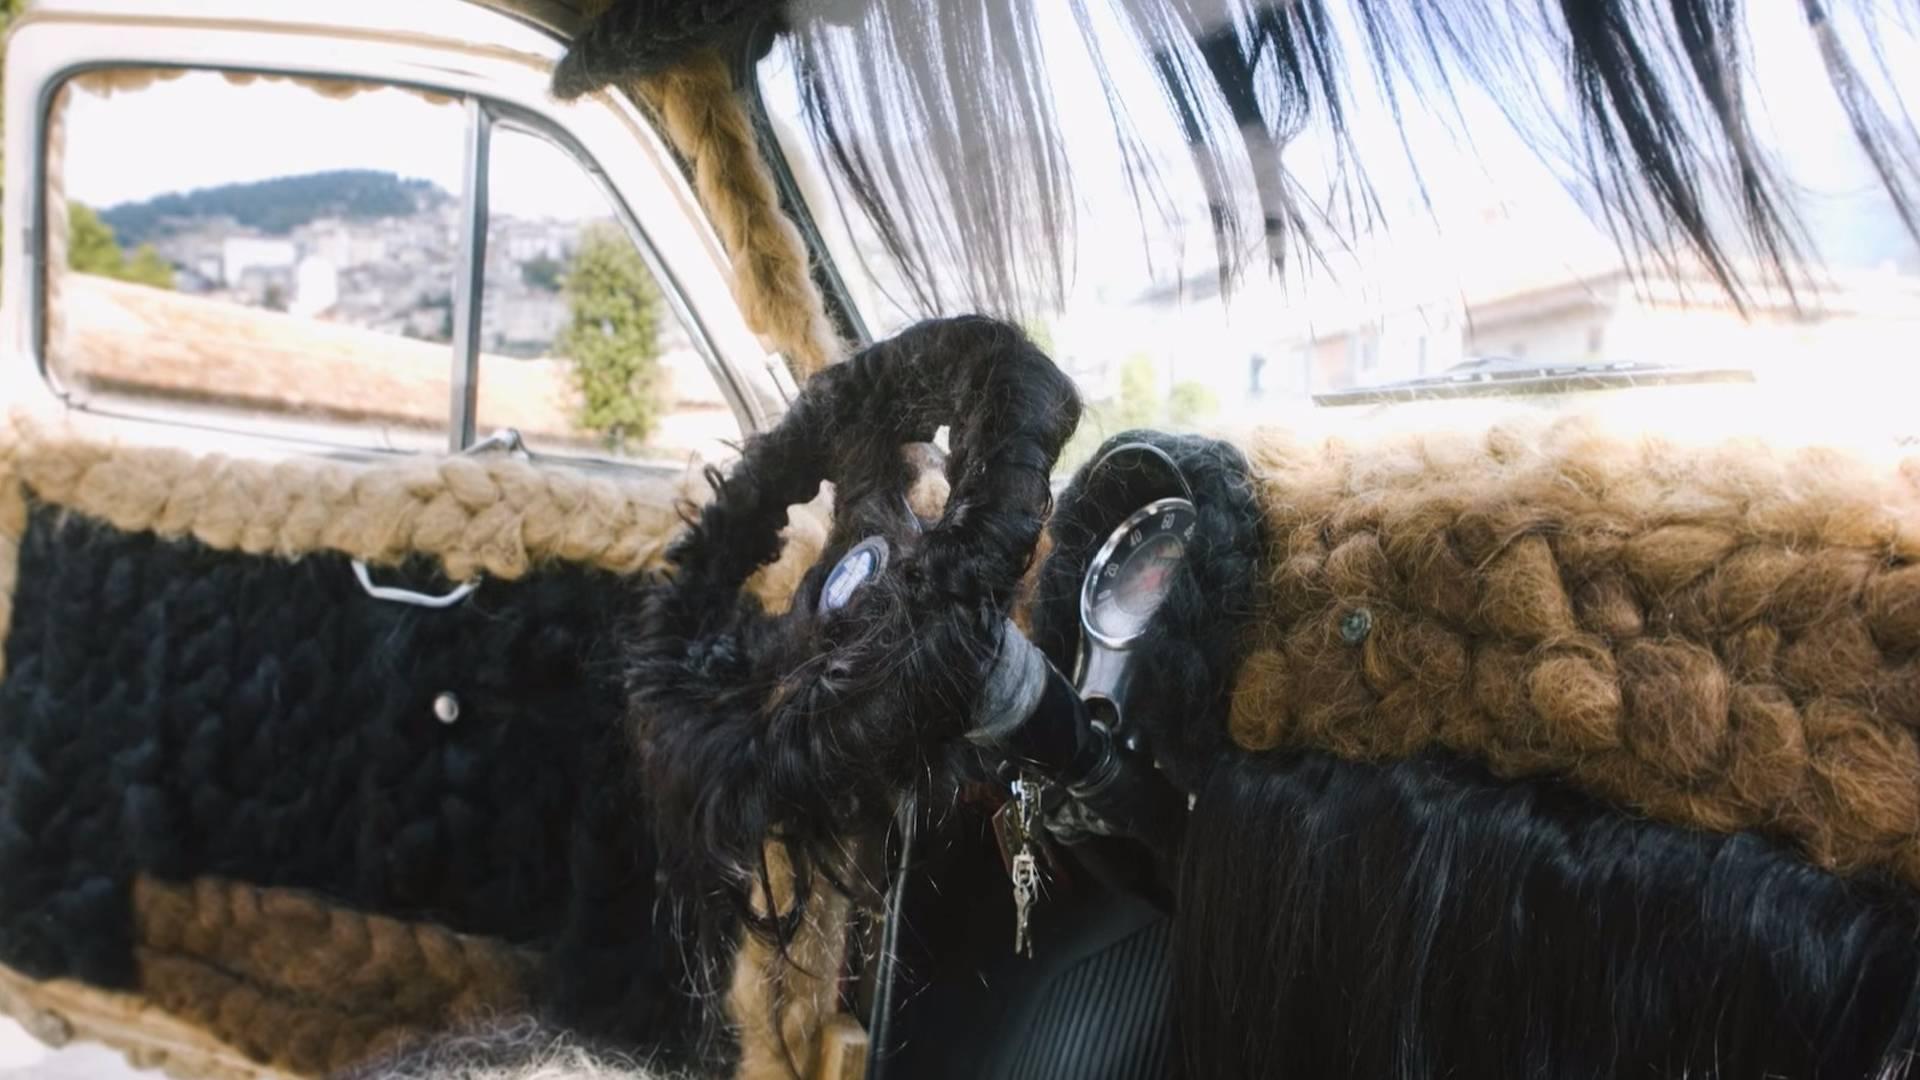 Итальянка сделала автомобилю «прическу» из человеческих волос 2